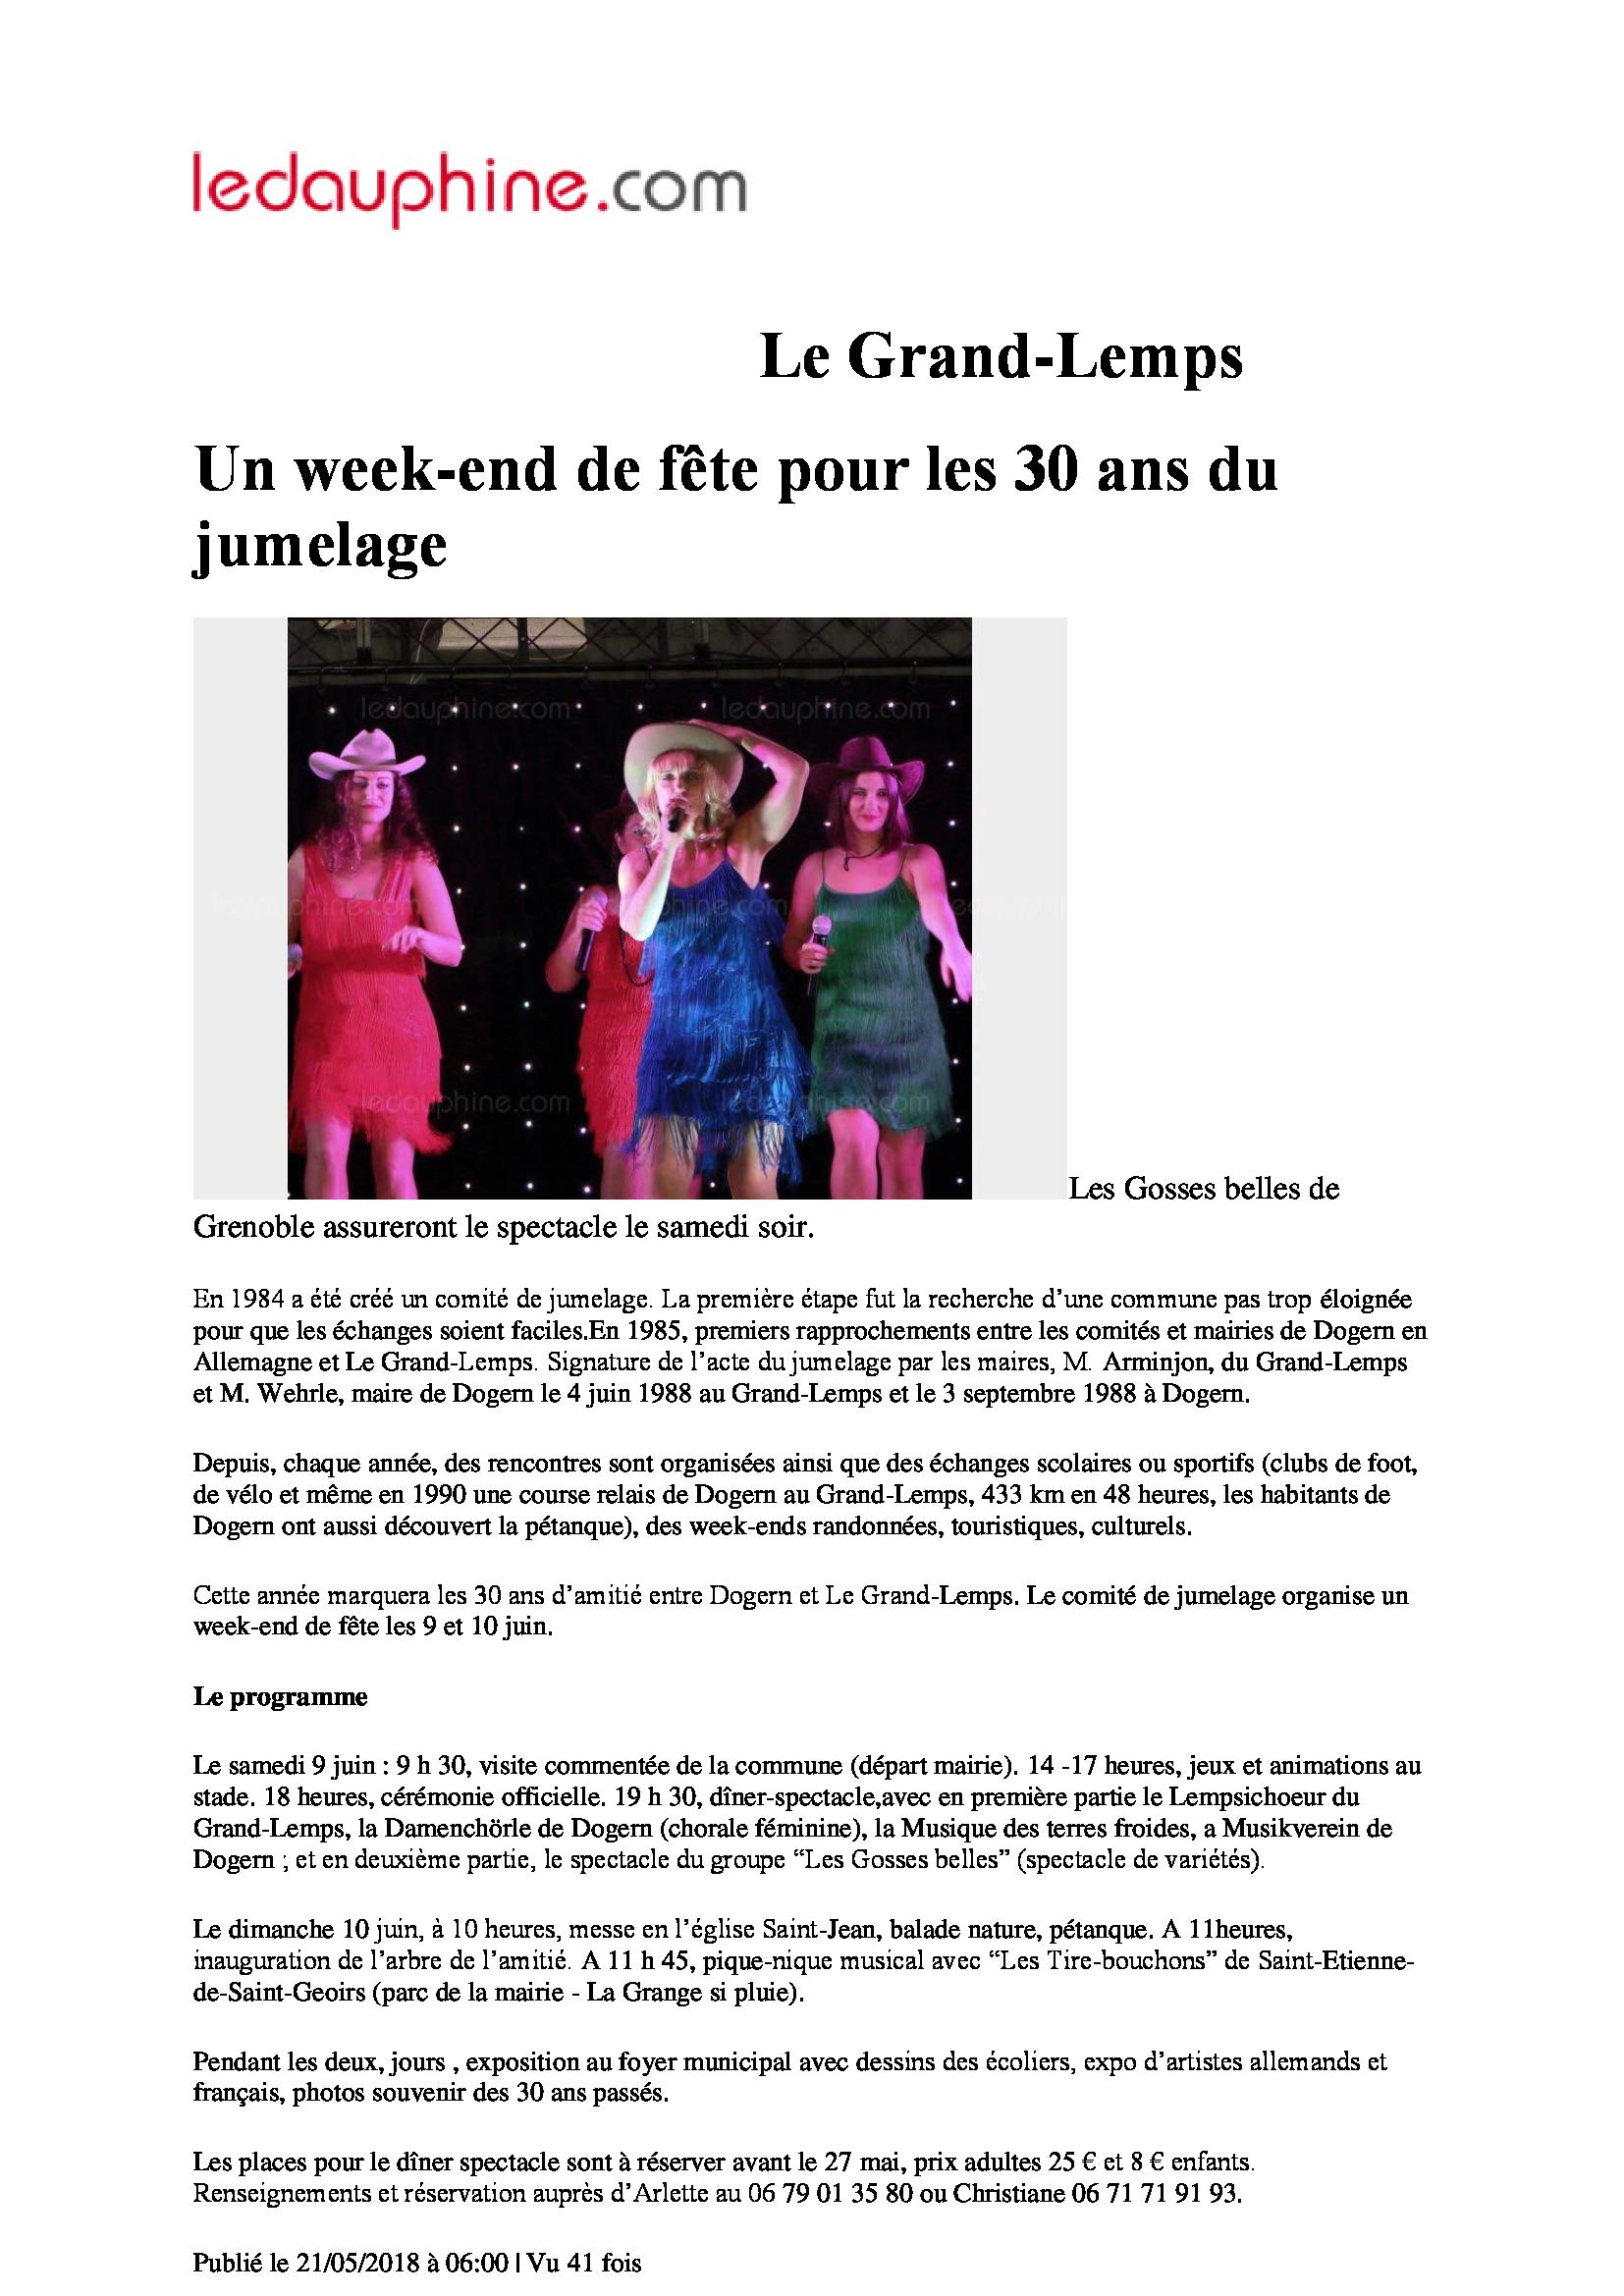 Dauphiné Libéré Le Grand Lemp